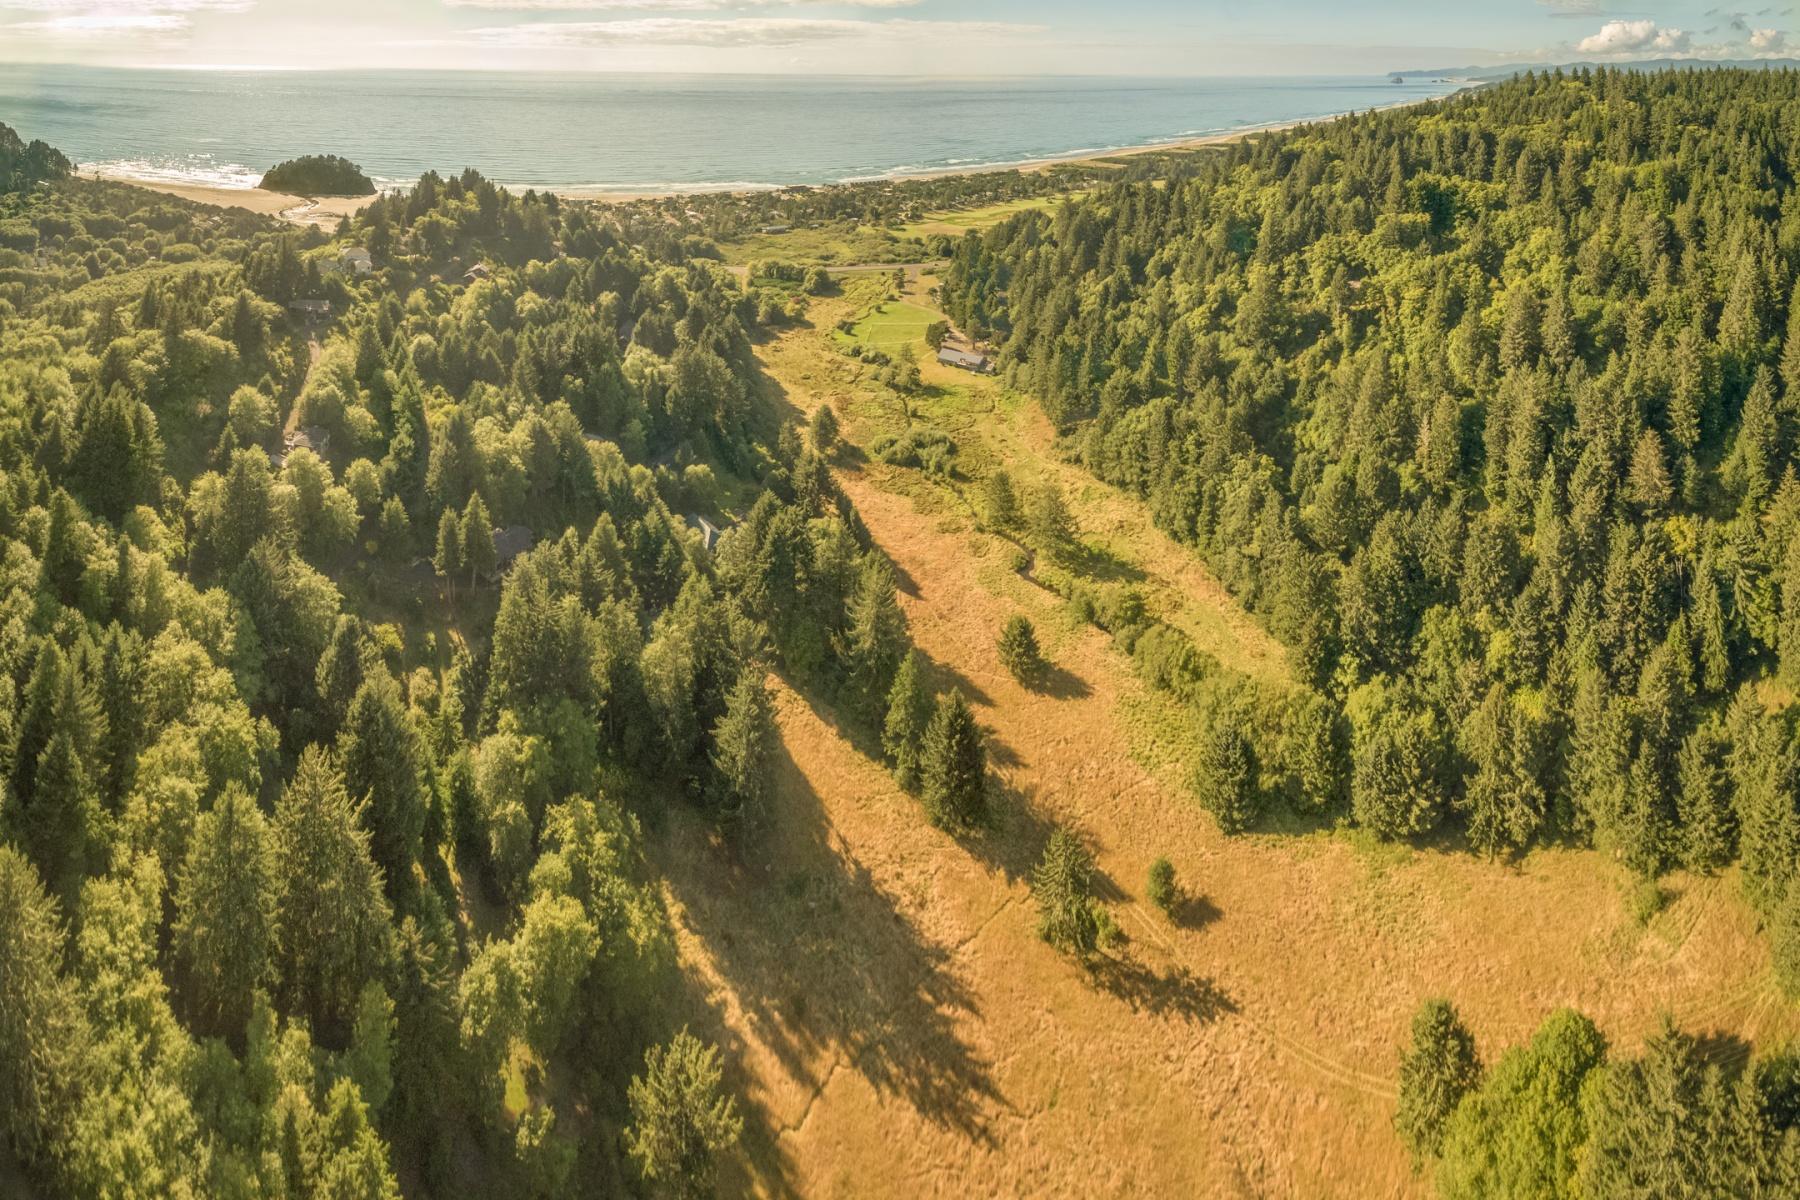 Land für Verkauf beim 0 SCHOOLHOUSE RD, NESKOWIN Neskowin, Oregon, 97149 Vereinigte Staaten